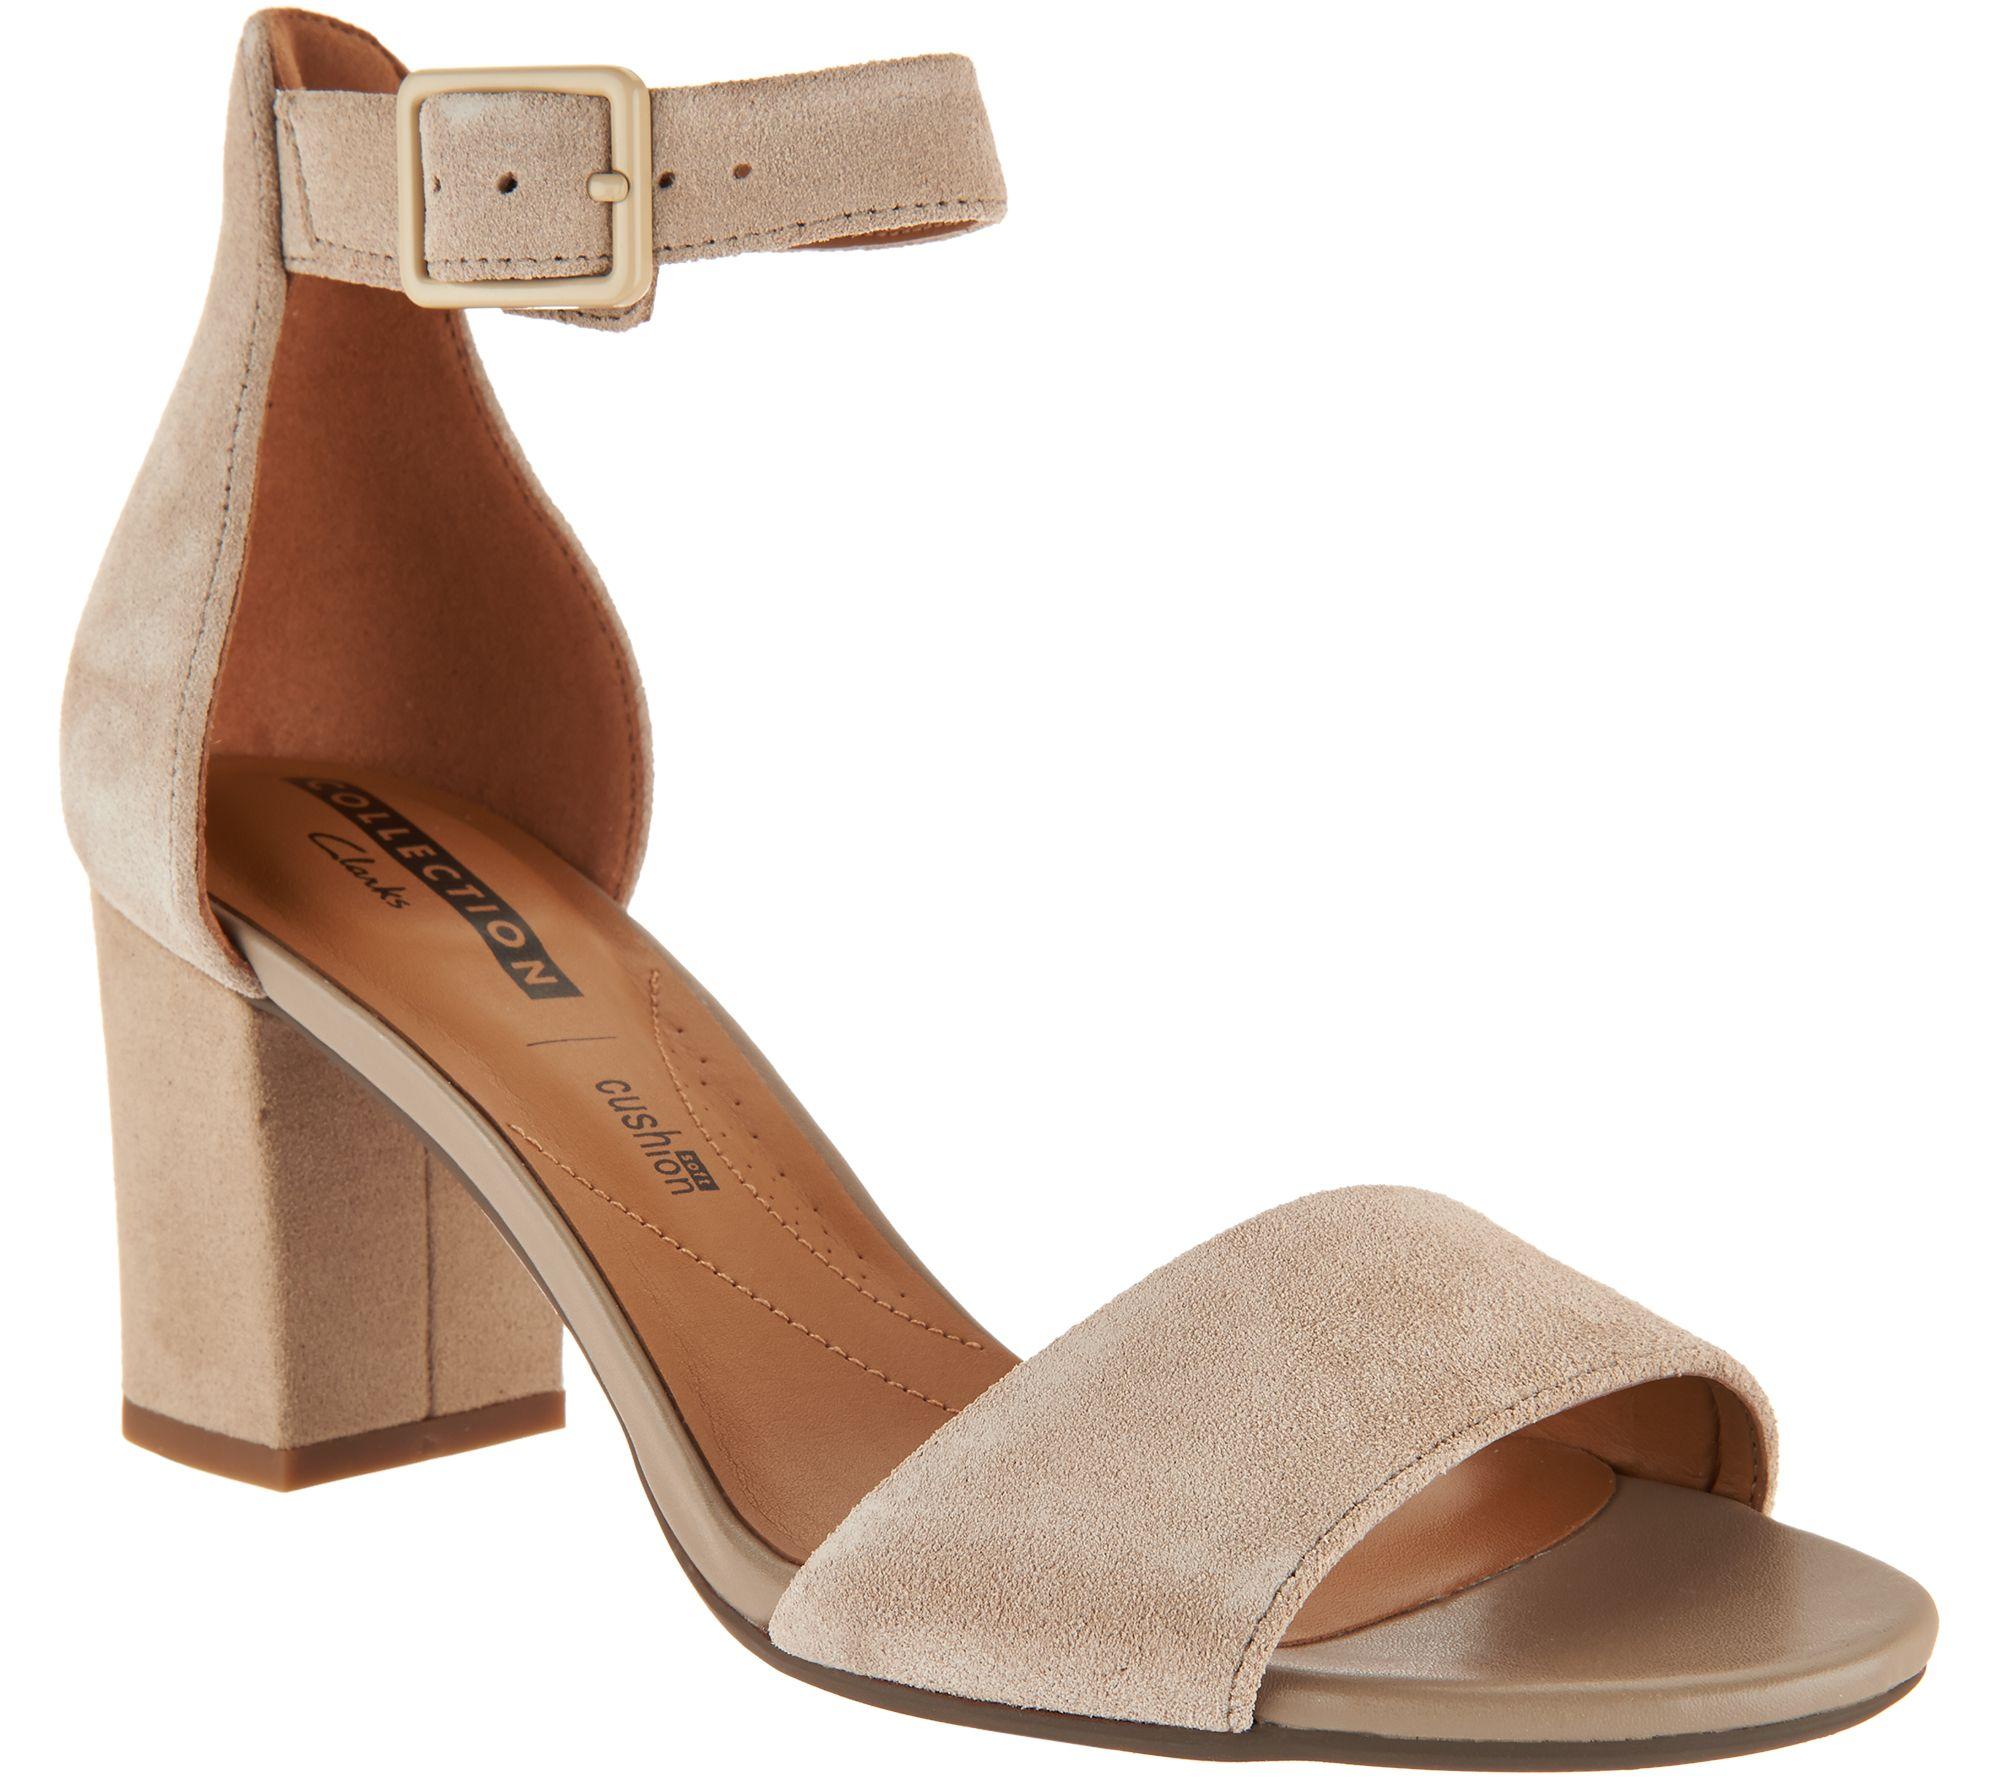 Clarks Women's Deva Mae Ankle ... best prices sale online buy cheap footlocker xIAq3s9qDN